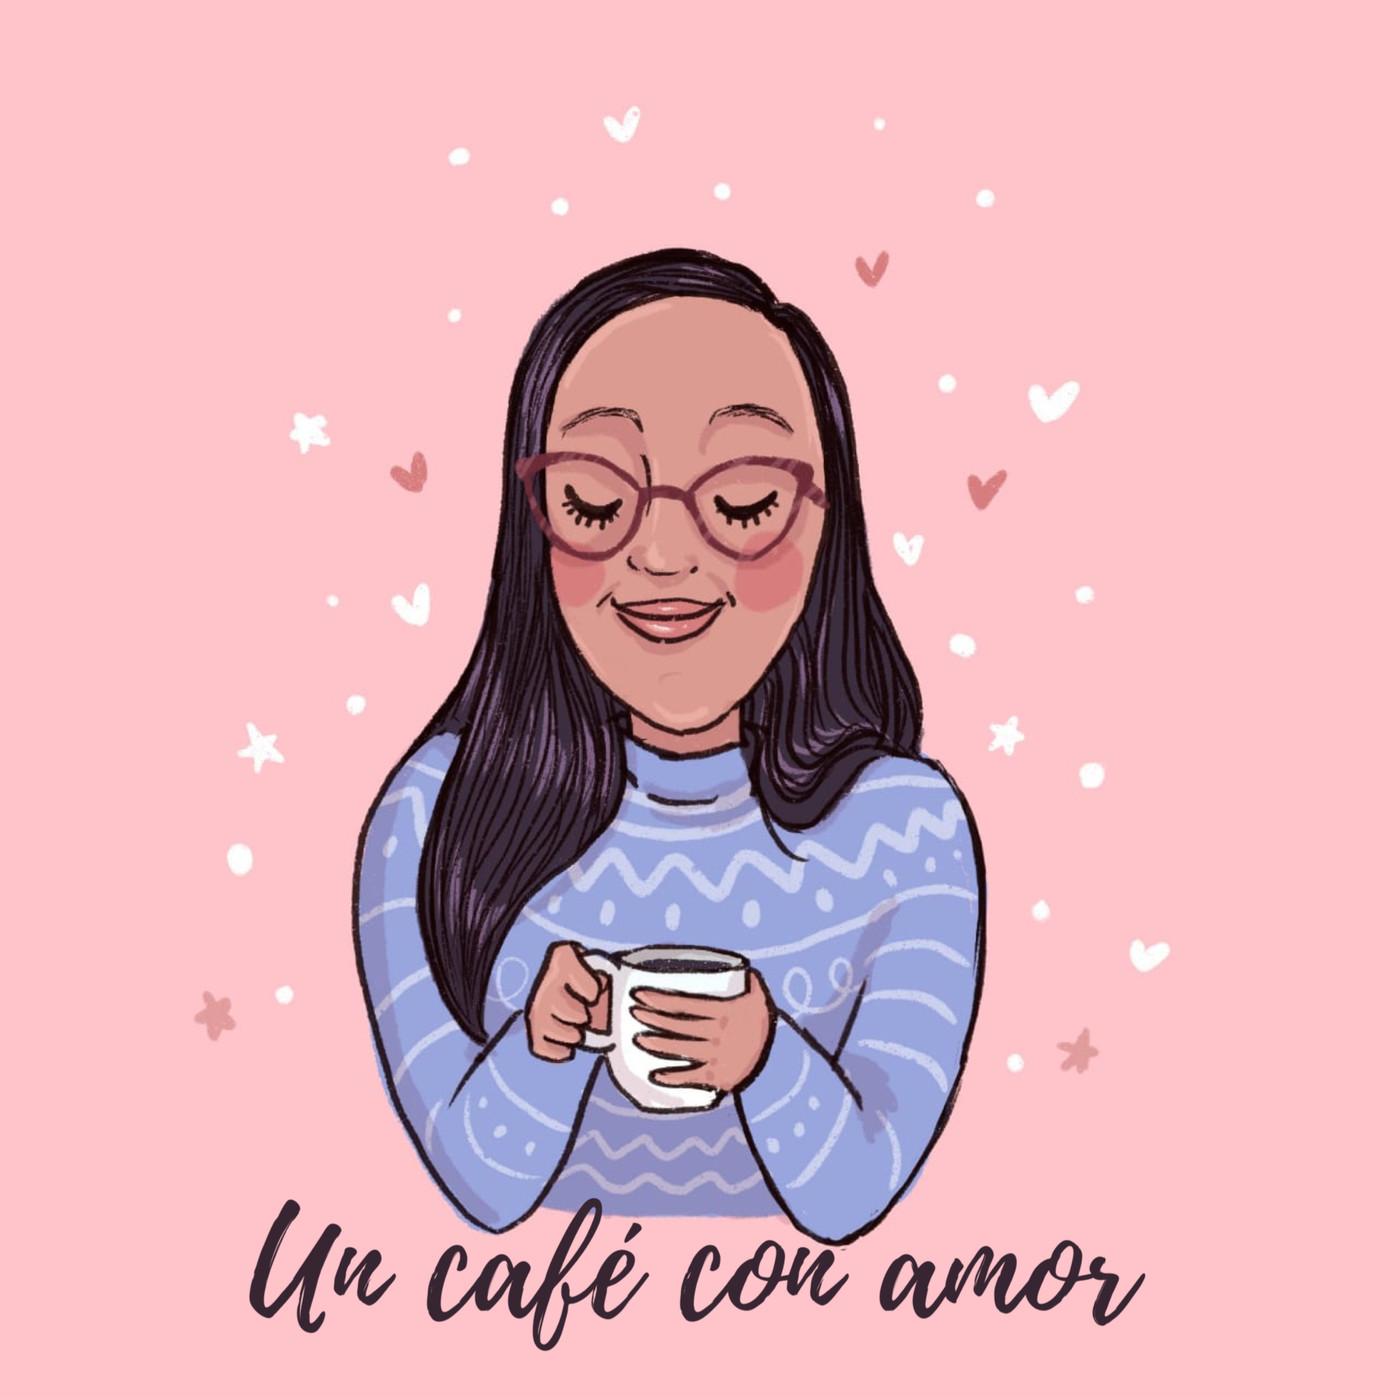 Un café con amor